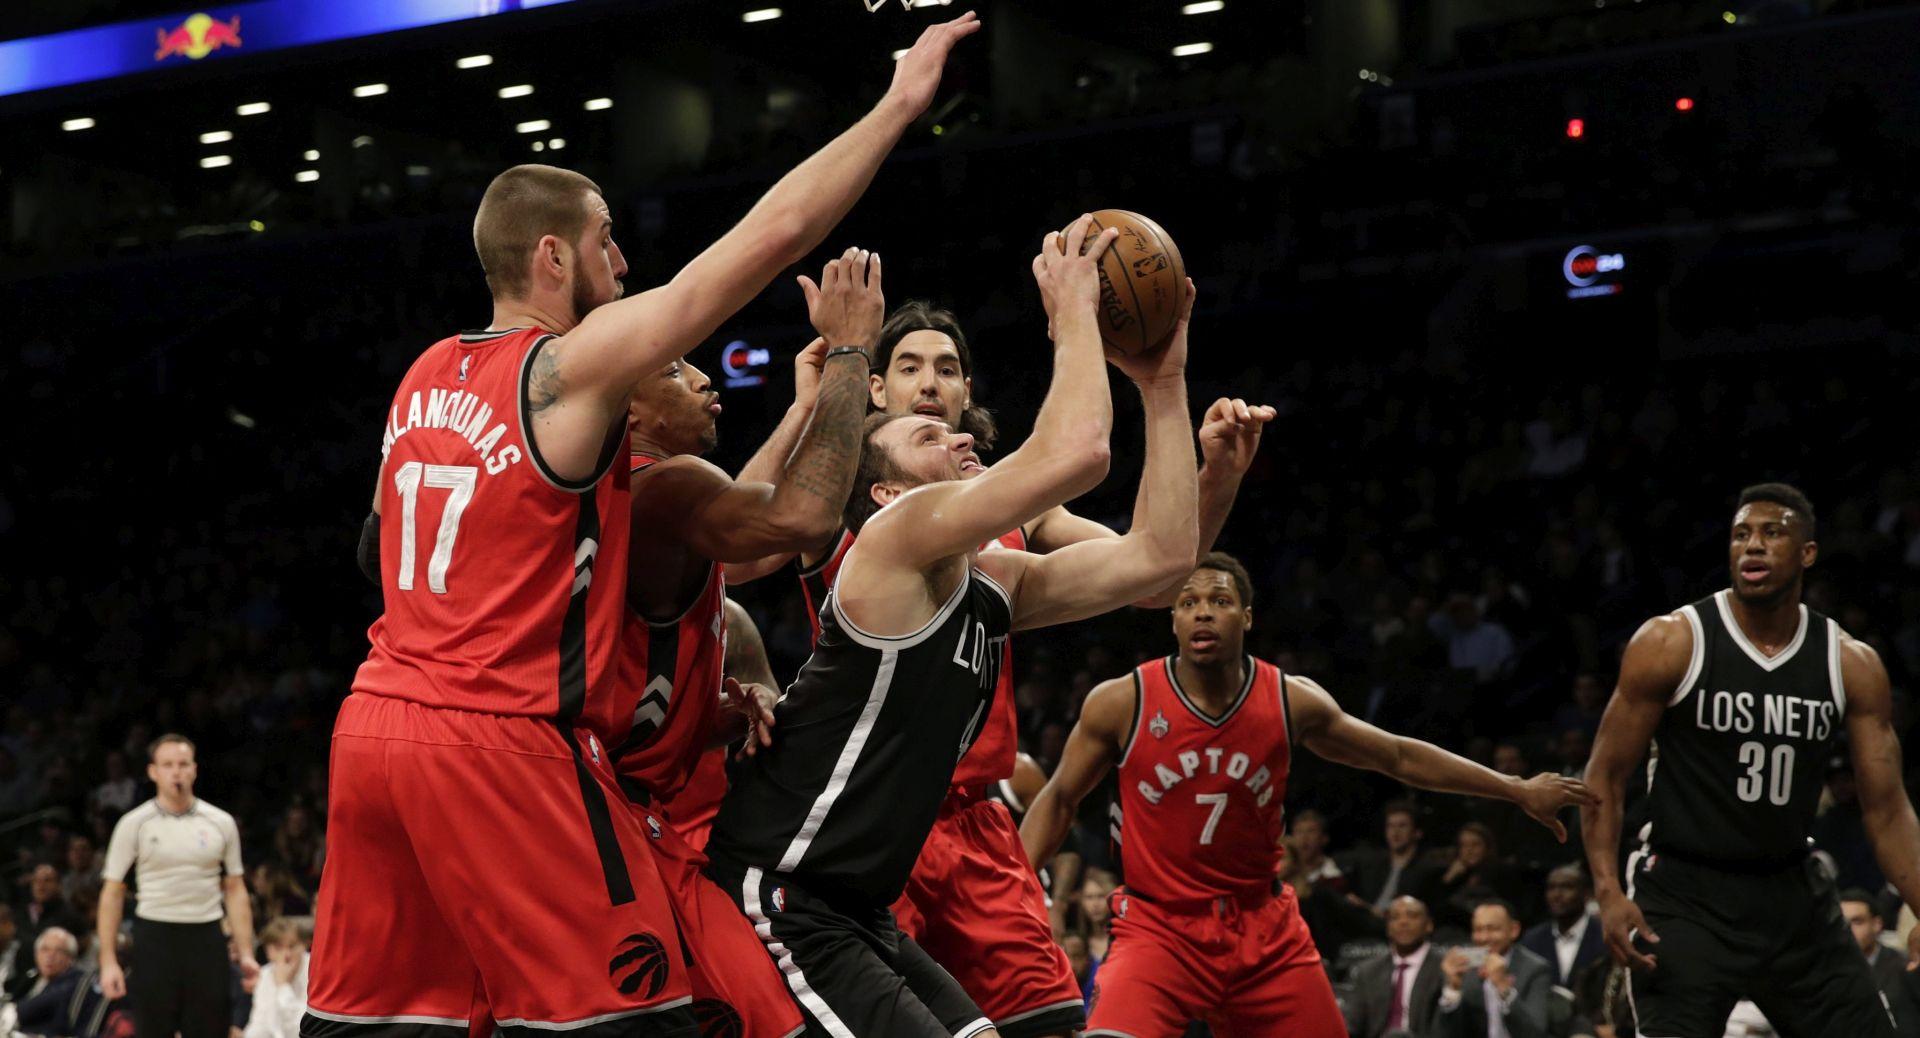 NBA: SVA TROJICA HRVATA PORAŽENI Hezonja zabio 9, a Bogdanović 7 koševa